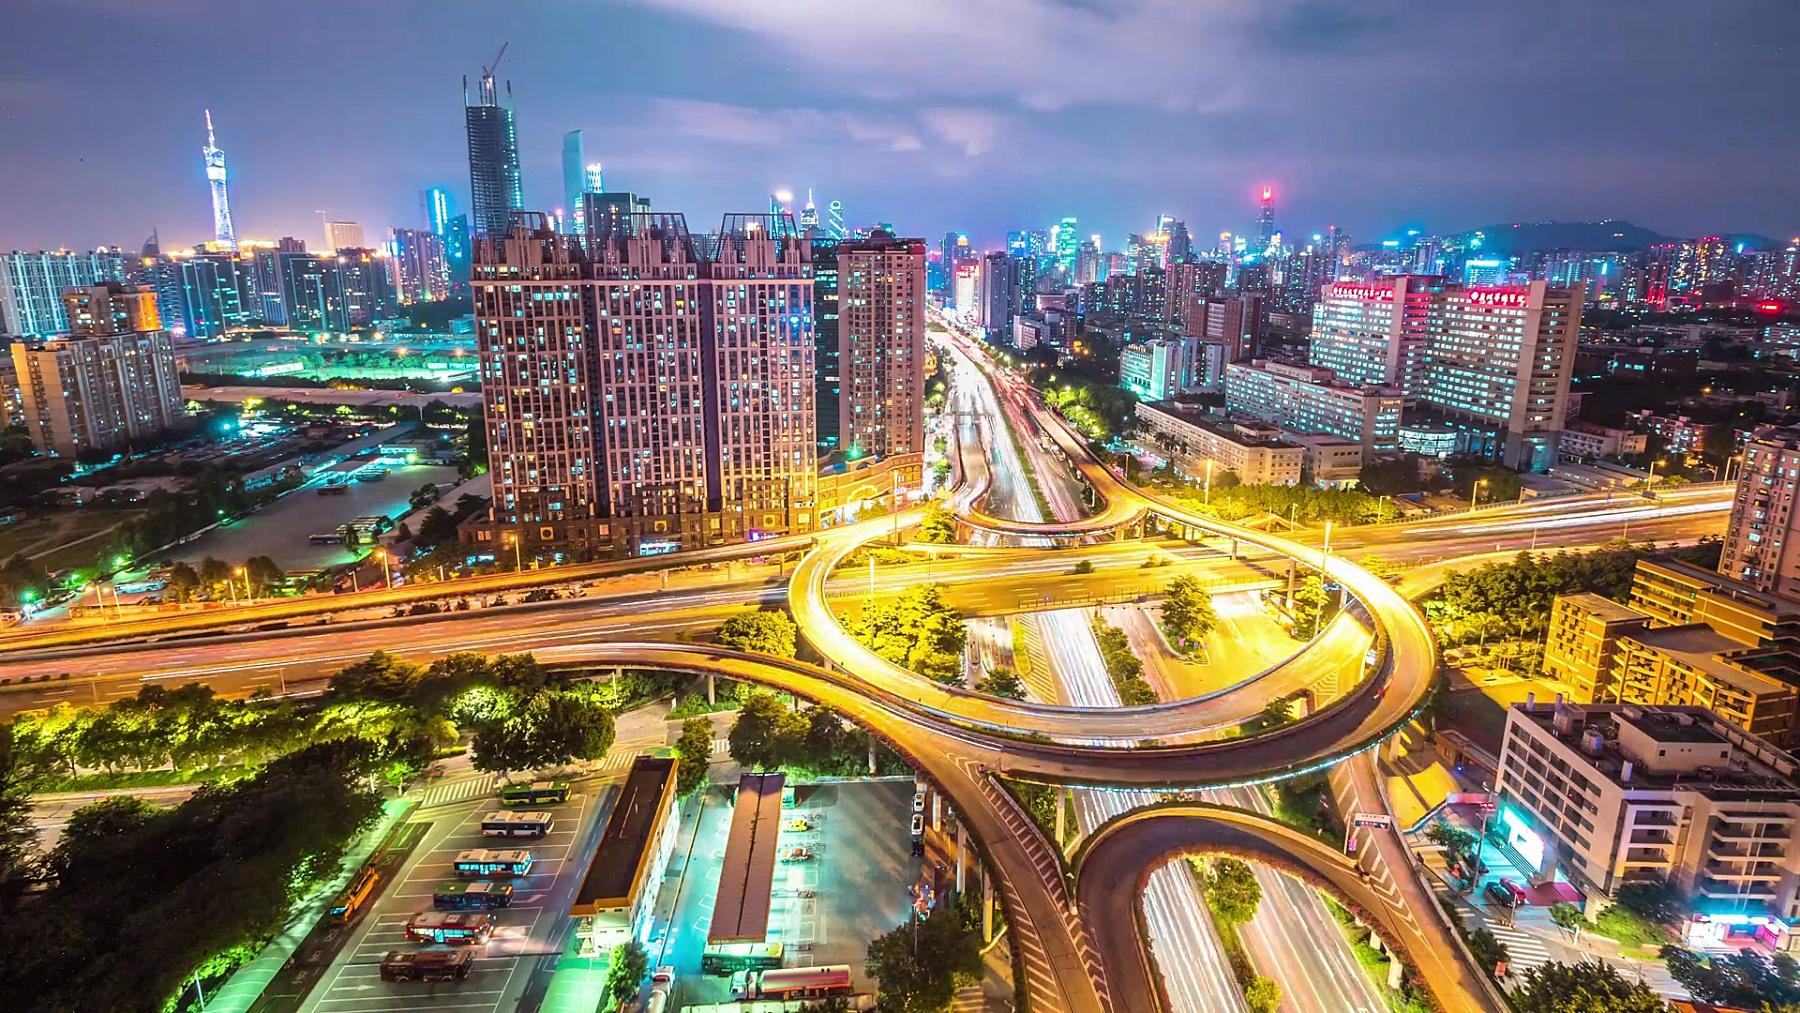 晚上广州市中心道路交叉口交通繁忙。timelapse